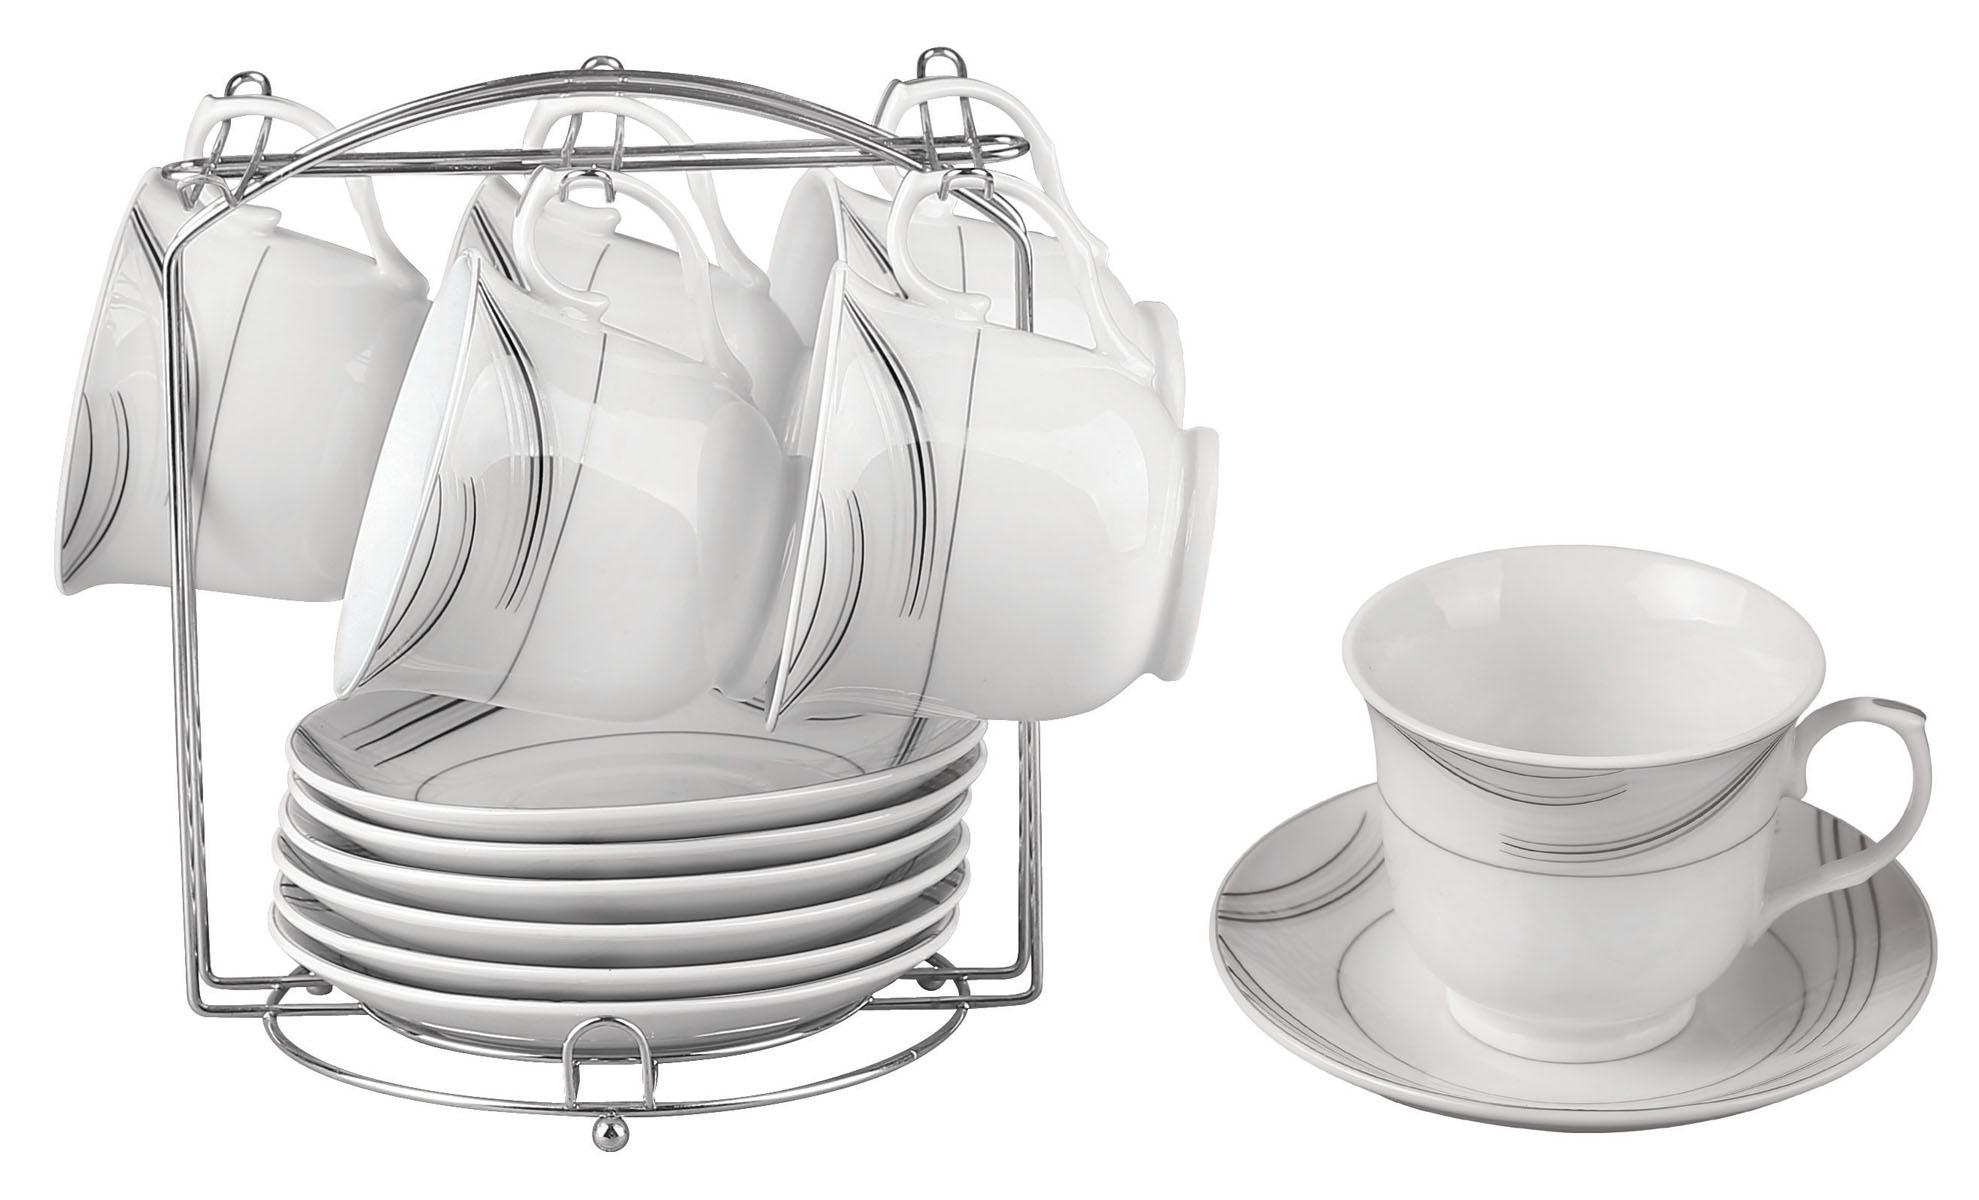 Набор чайный Bekker, 13 предметов. BK-6803 (8)115510Чайный набор Bekker состоит из 6 чашек, 6 блюдец и металлической подставки. Изделия выполнены из высококачественного фарфора белого цвета, украшенного изящными узорами серебристой эмалью. Для предметов набора предусмотрена специальная металлическая подставка с крючками для чашек и подставкой для блюдец. Изящный чайный набор прекрасно оформит стол к чаепитию и станет замечательным подарком для любой хозяйки. Можно мыть в посудомоечной машине.Объем чашки: 220 мл. Диаметр чашки (по верхнему краю): 9 см. Высота чашки: 7,5 см. Диаметр блюдца: 14 см.